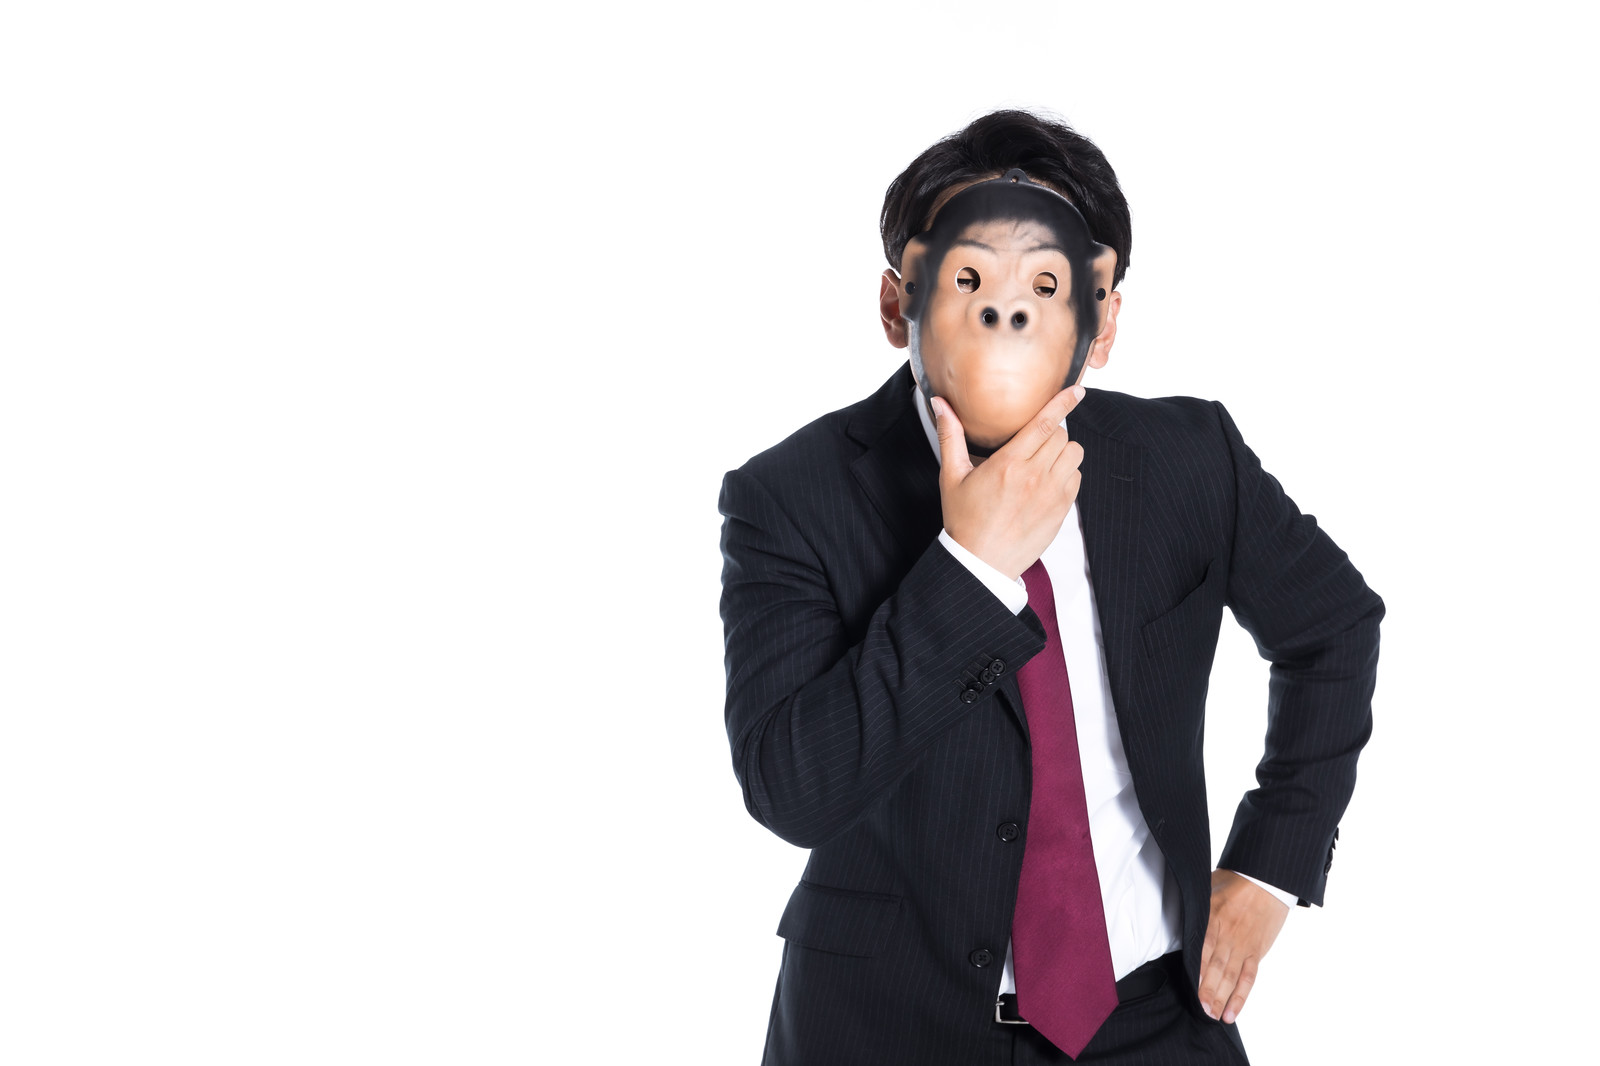 「匿名なら生き生きな様子」の写真[モデル:大川竜弥]